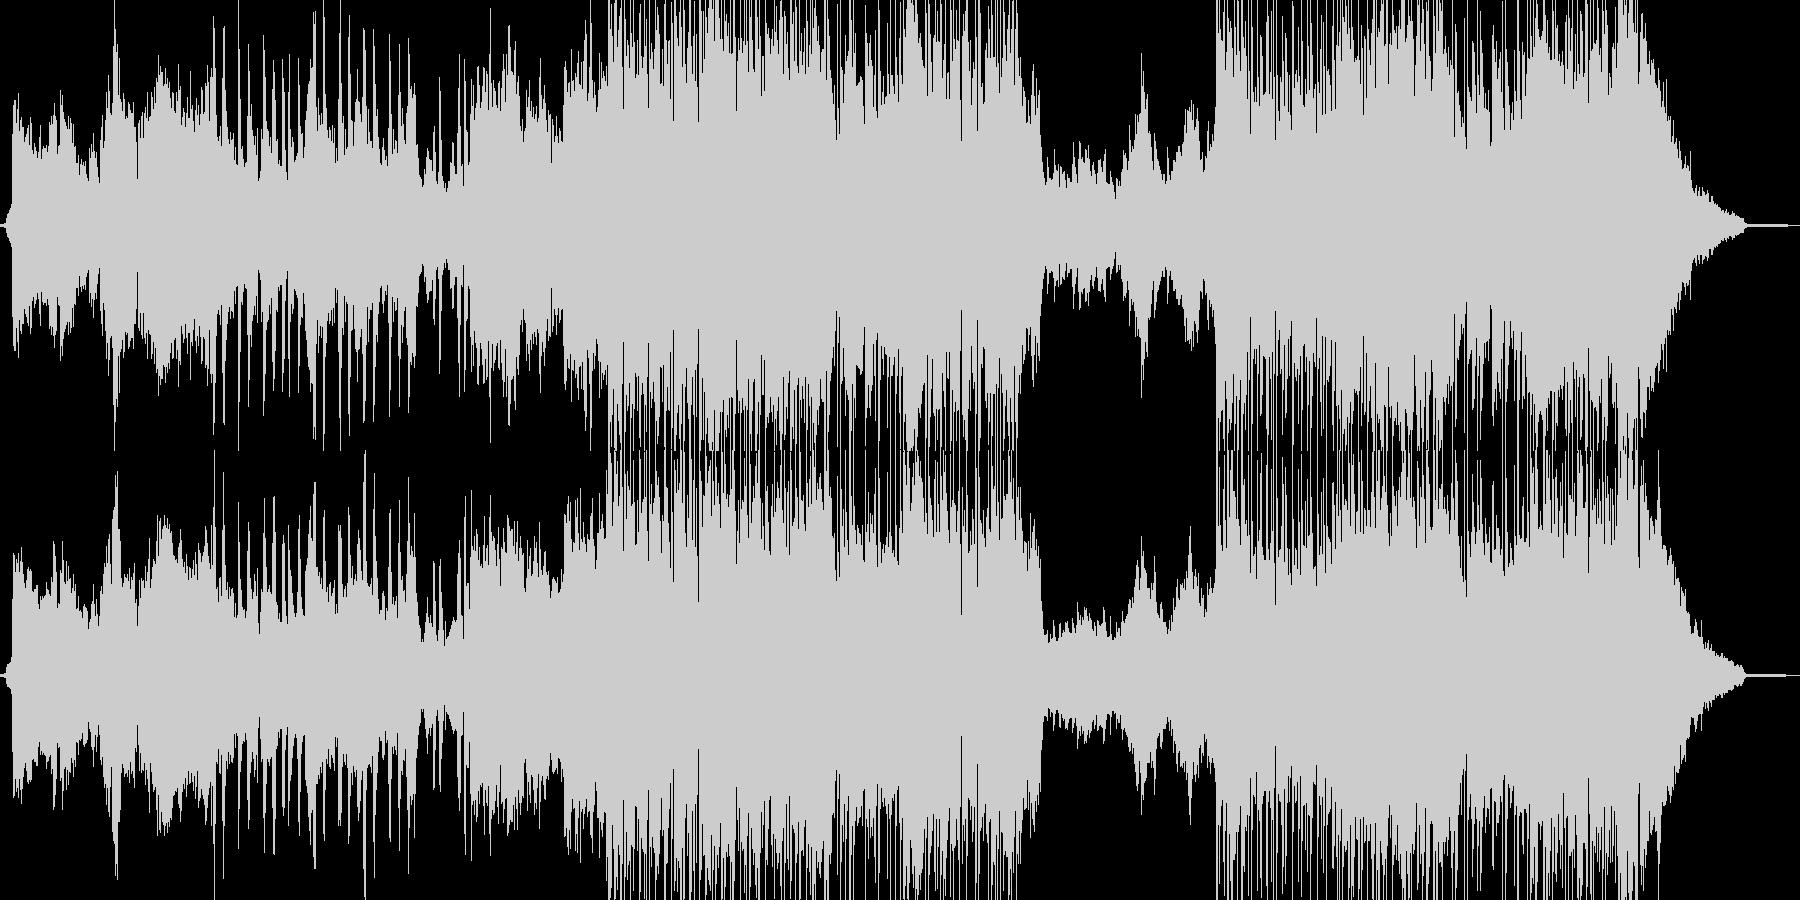 ユメカワゆるふわなクラシカルポップス Bの未再生の波形